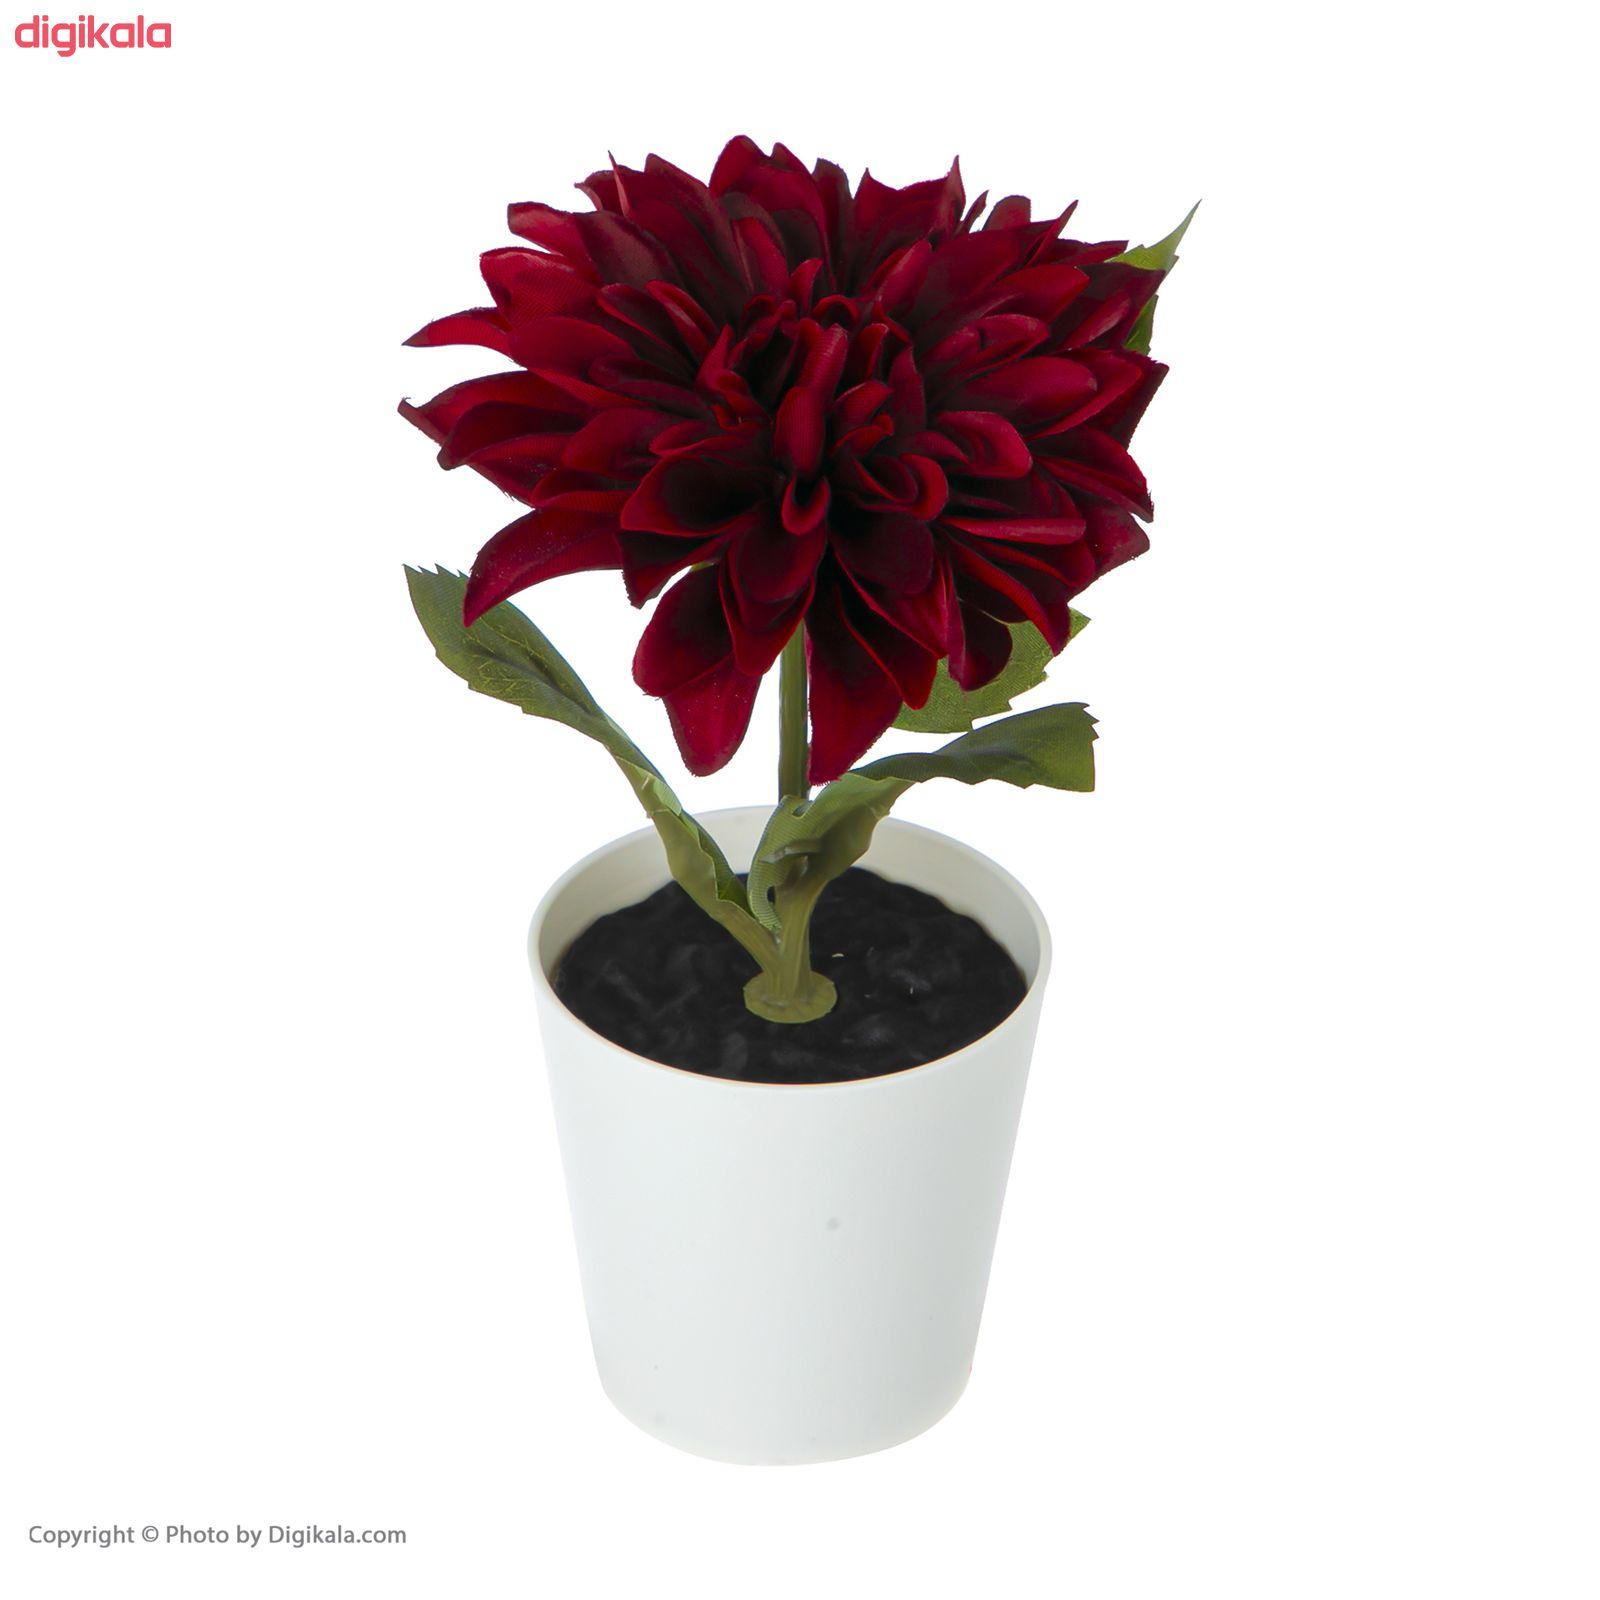 گلدان به همراه گل مصنوعی ایکیا مدل FEJKA مجموعه 3 عددی main 1 9